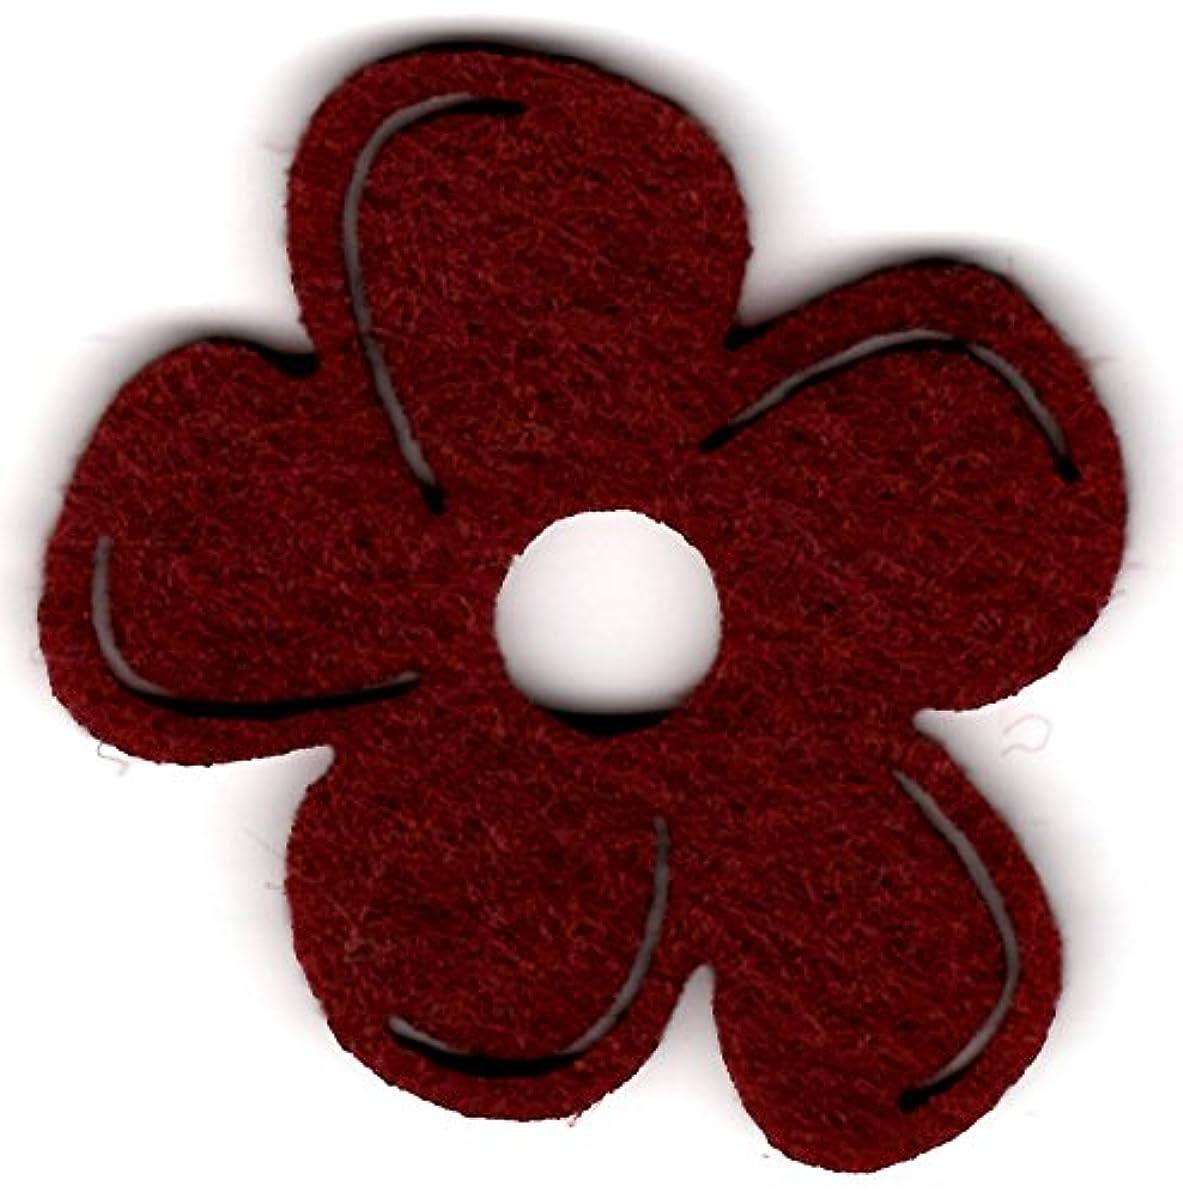 Petra's Craft A?–?BLF2704?–?29?40? Blossom 40?mm, Bordeaux